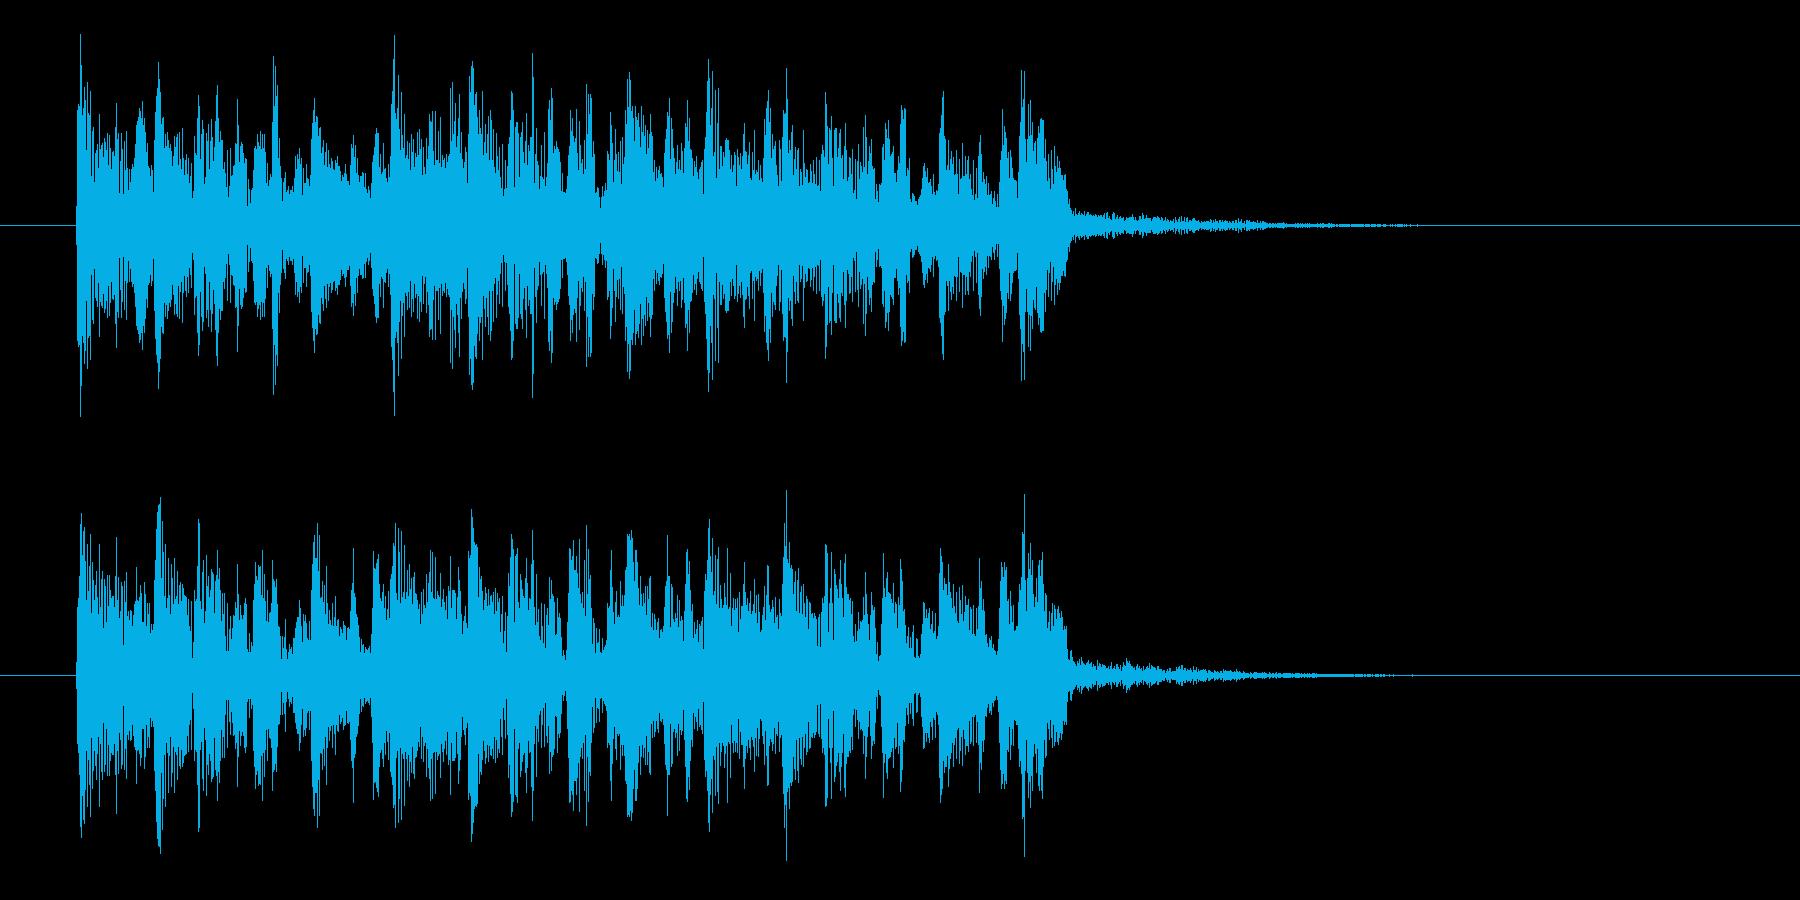 シンプルで軽やかなアコギジングルの再生済みの波形